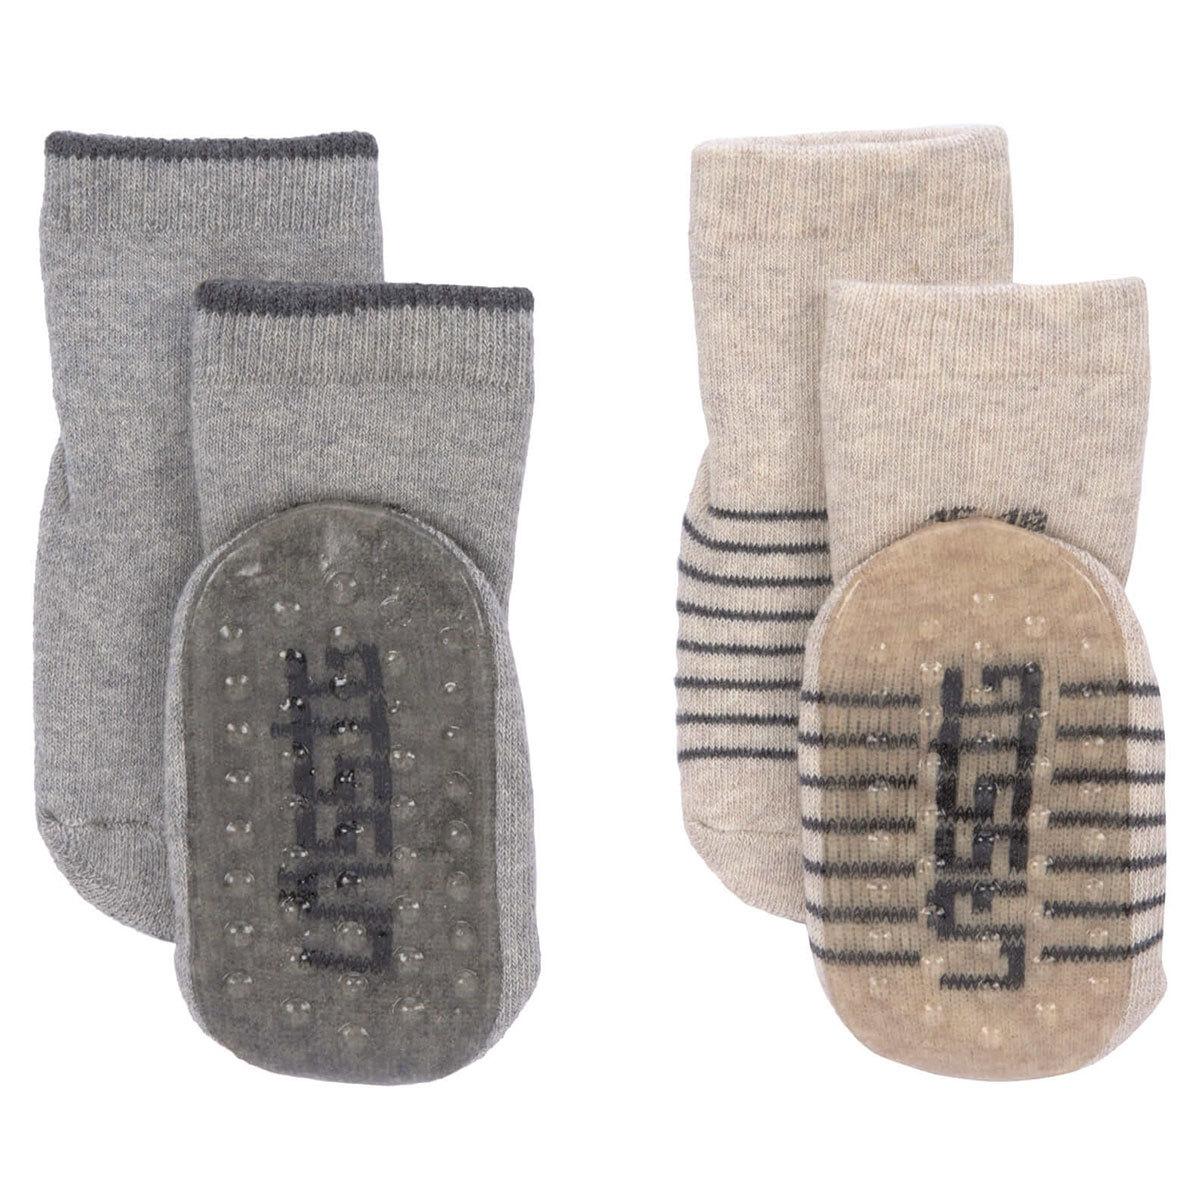 Accessoires bébé Lot de 2 Chaussettes Antidérapantes Gris - 19/22